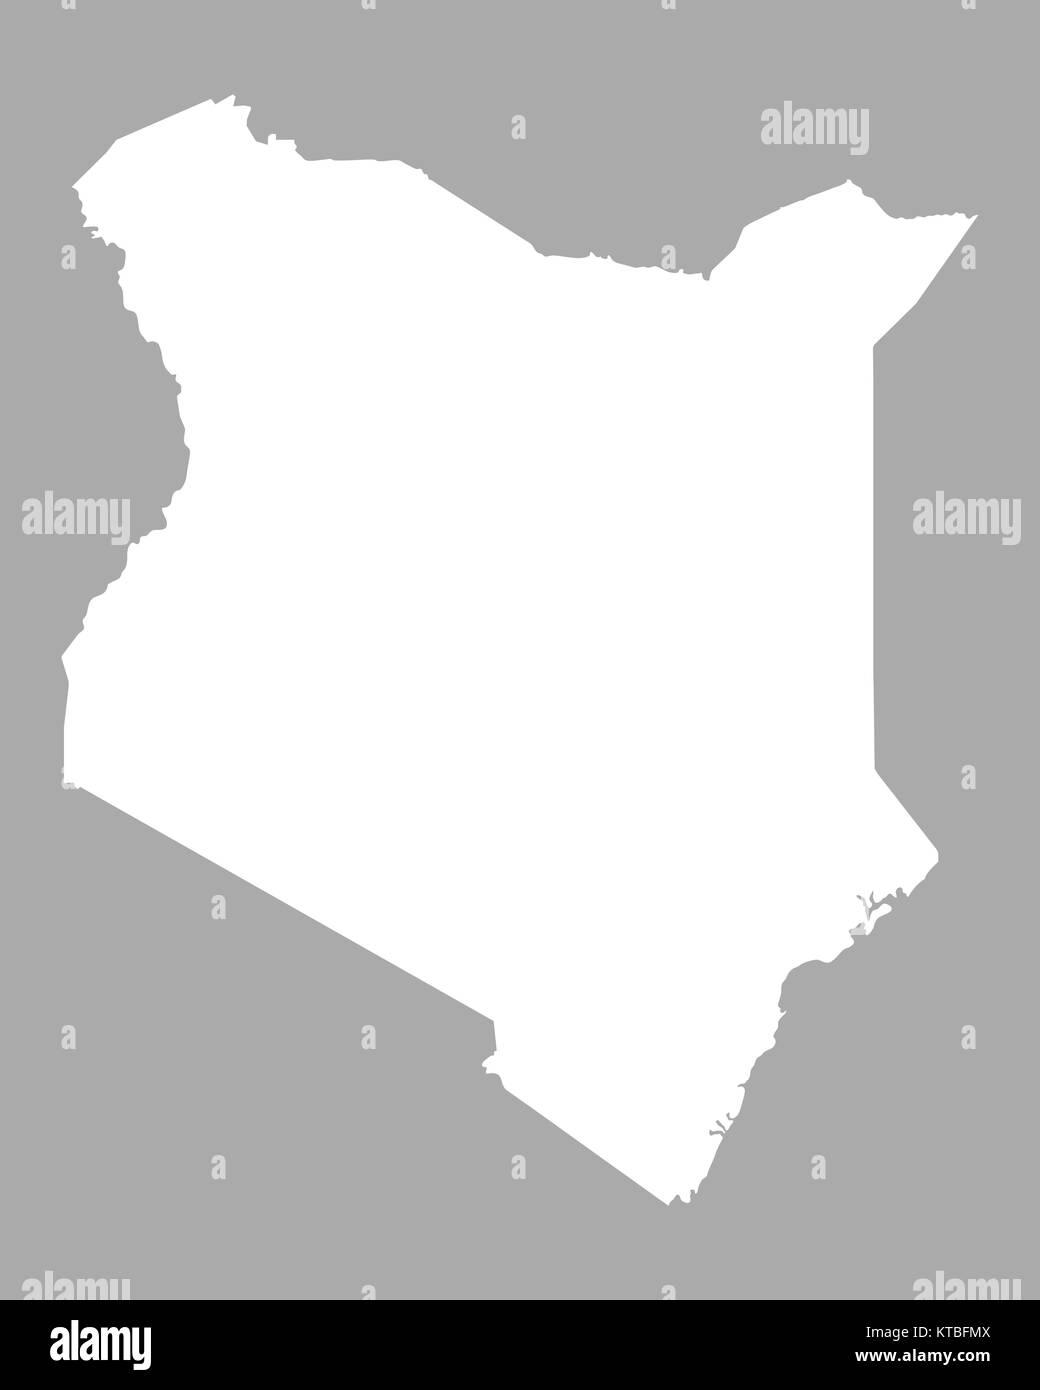 Kenia Karte.Karte Von Kenia Stock Photo 169898874 Alamy